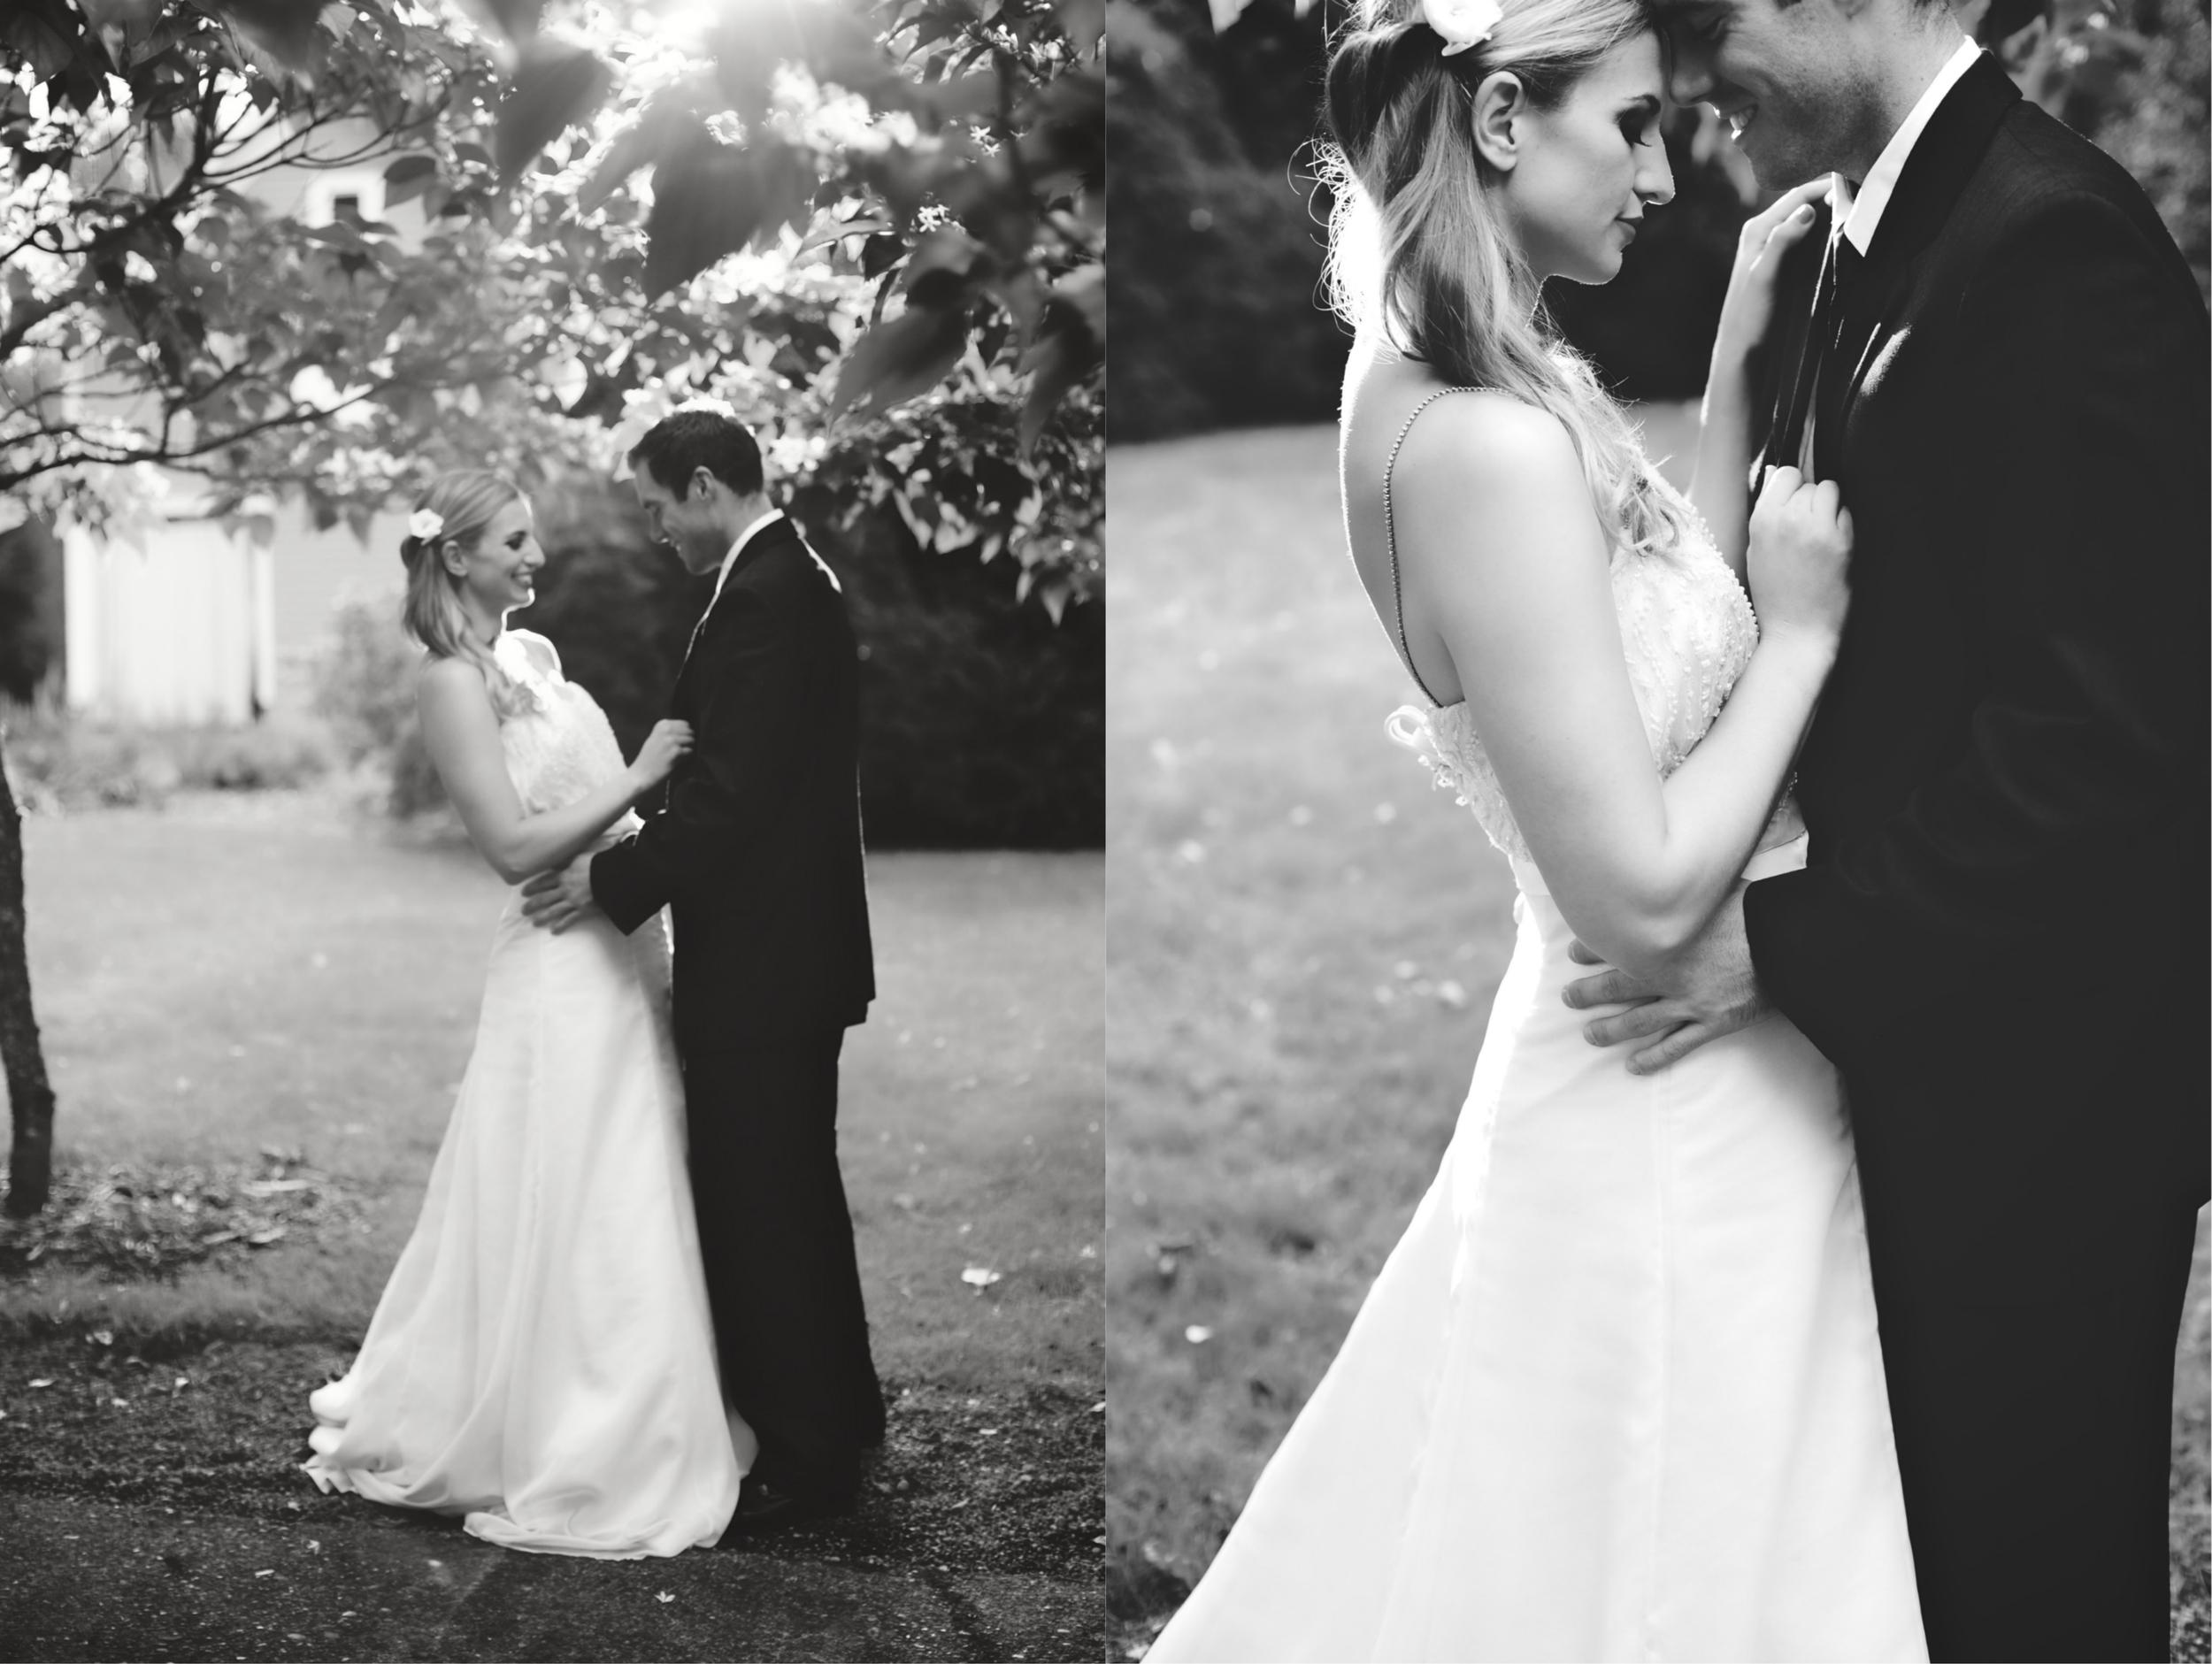 weddingportraits.jpg